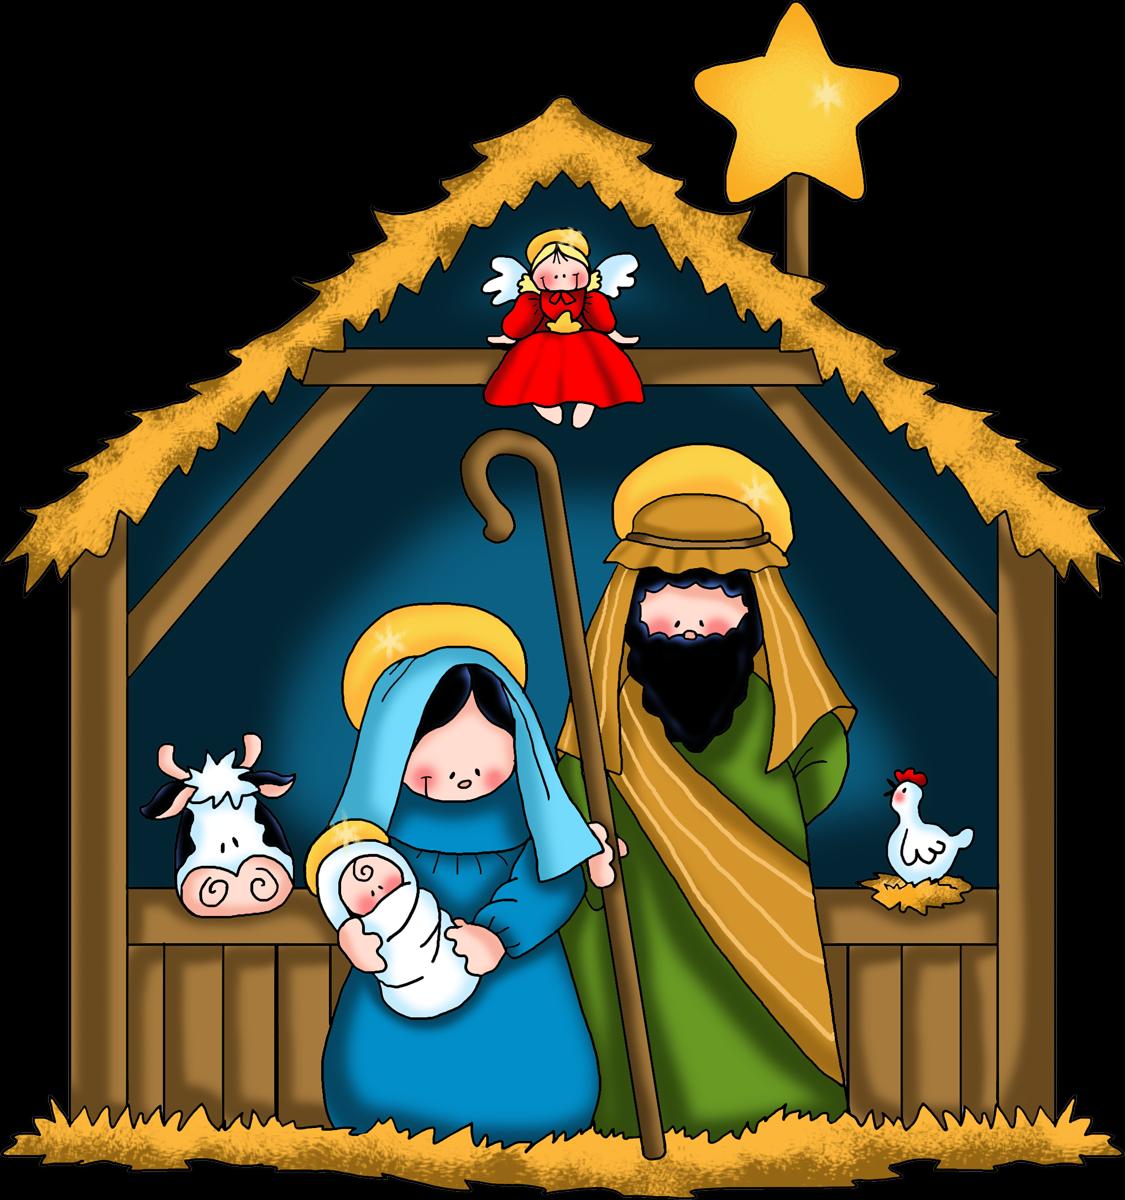 Nota haga usted click. Nativity clipart savior born